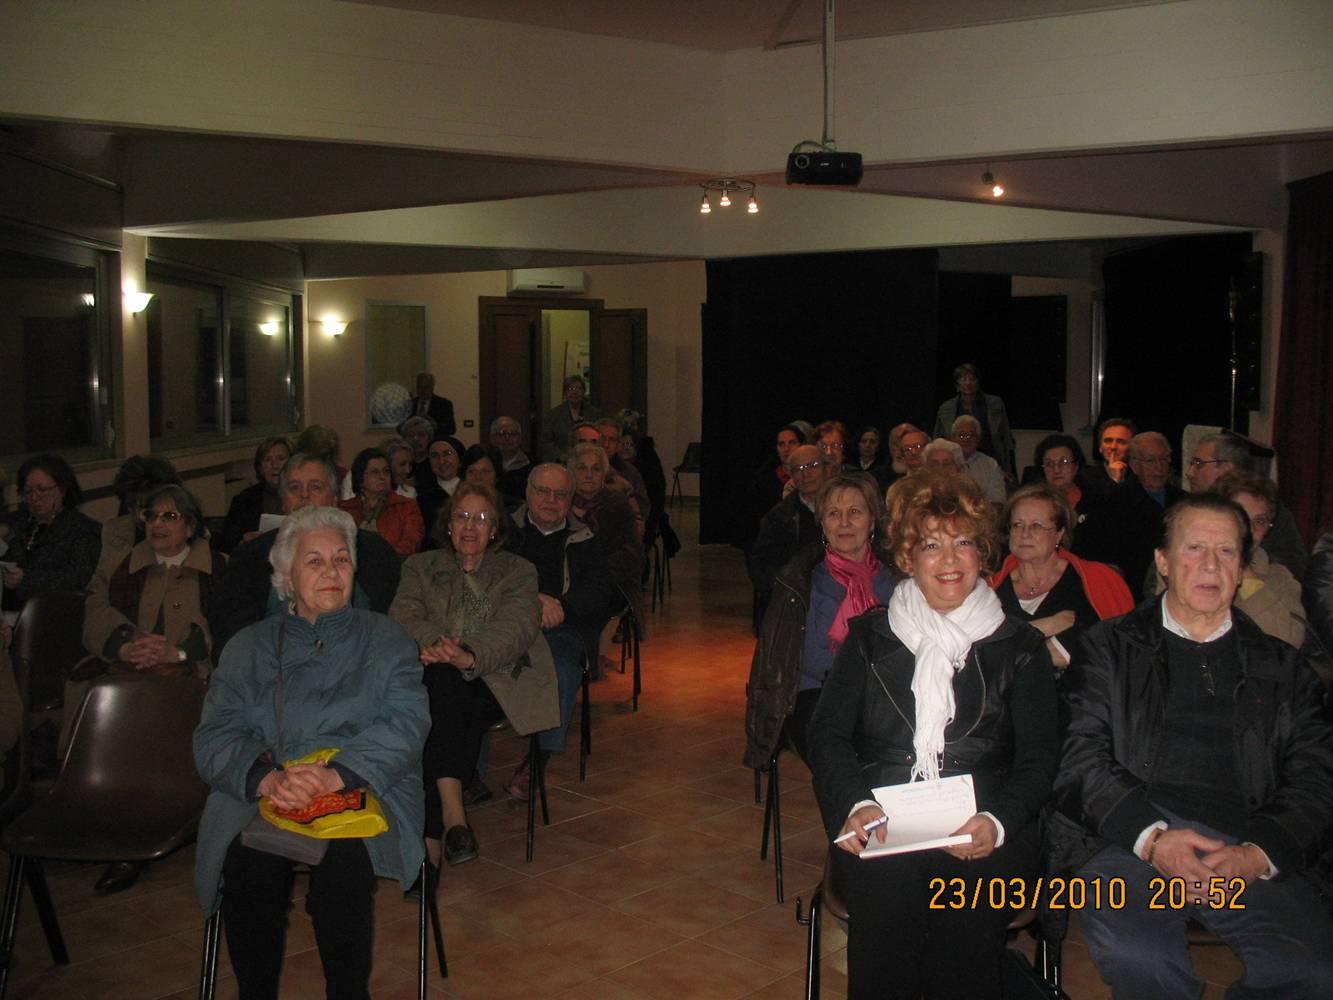 http://associazioneamec.com/amec/images/foto/Immagine7.jpg